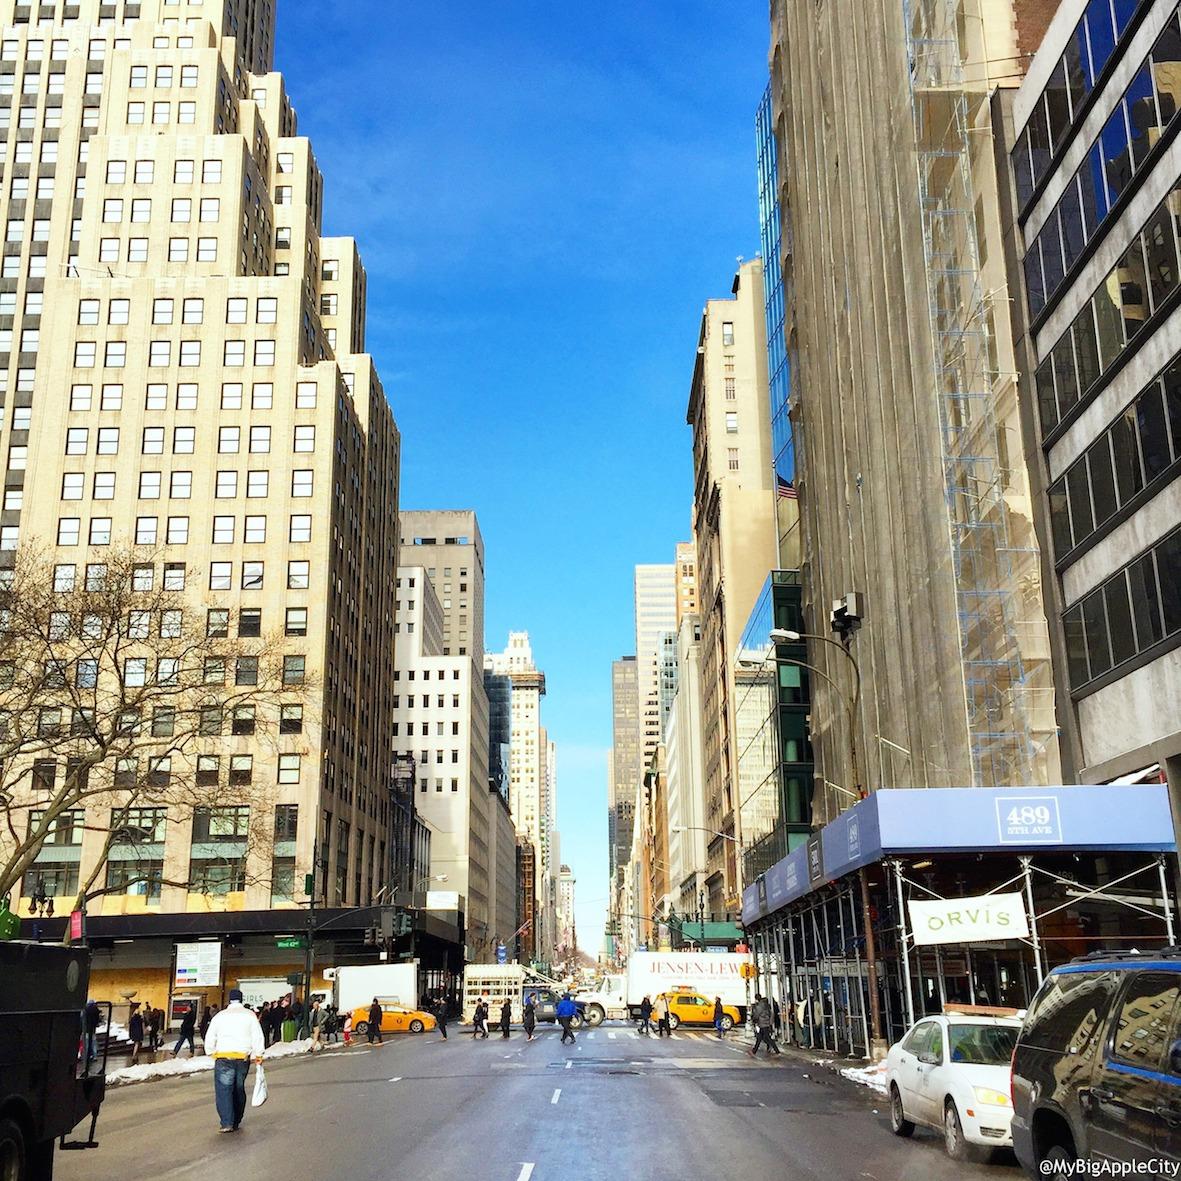 MyBigAppleCity-new-york-blog-travel-streetphoto